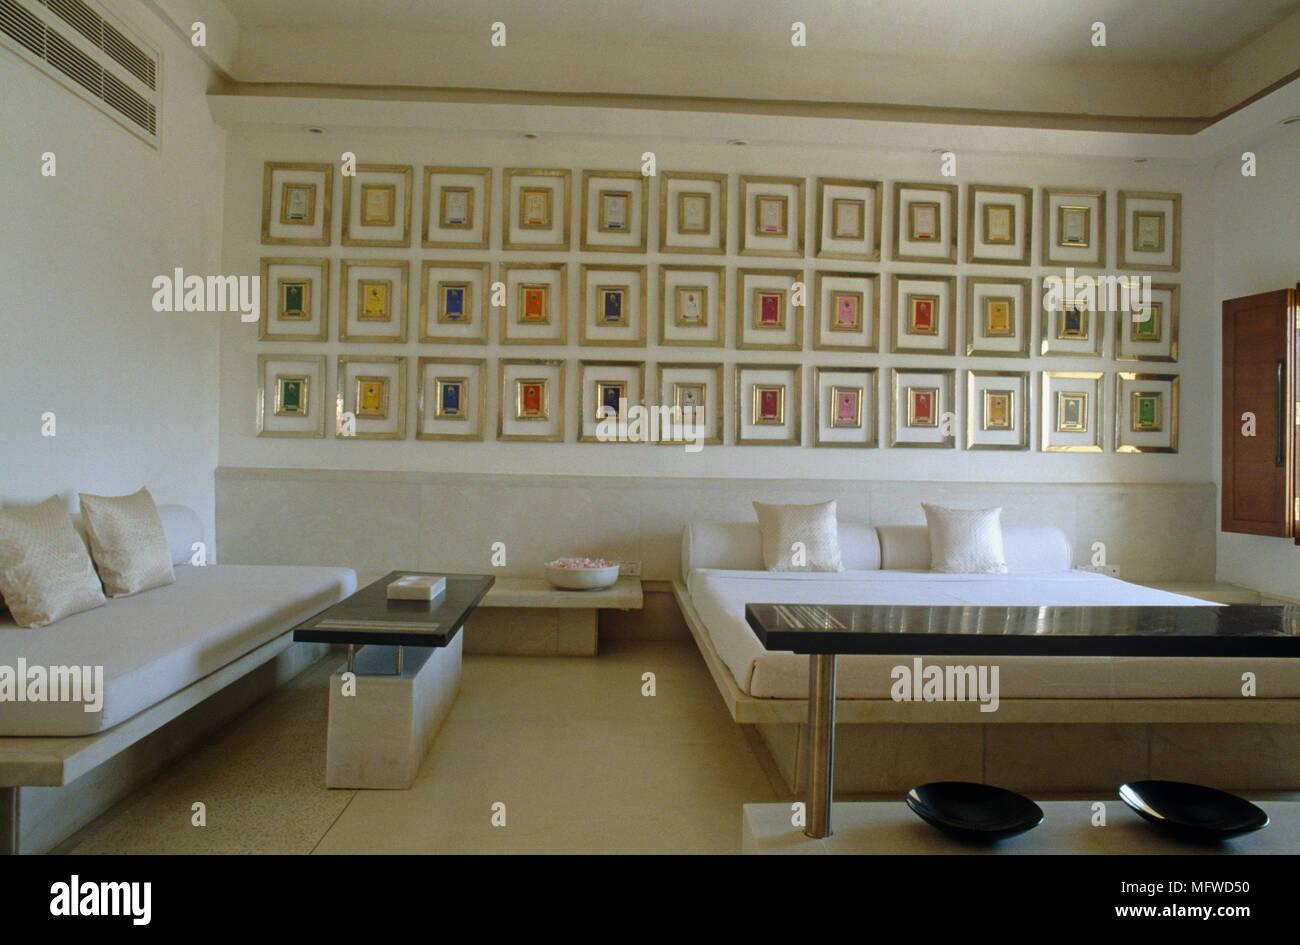 Collezione di opere d 39 arte visualizzato nella parete sopra un letto matrimoniale in camera da - Parete camera da letto moderna ...